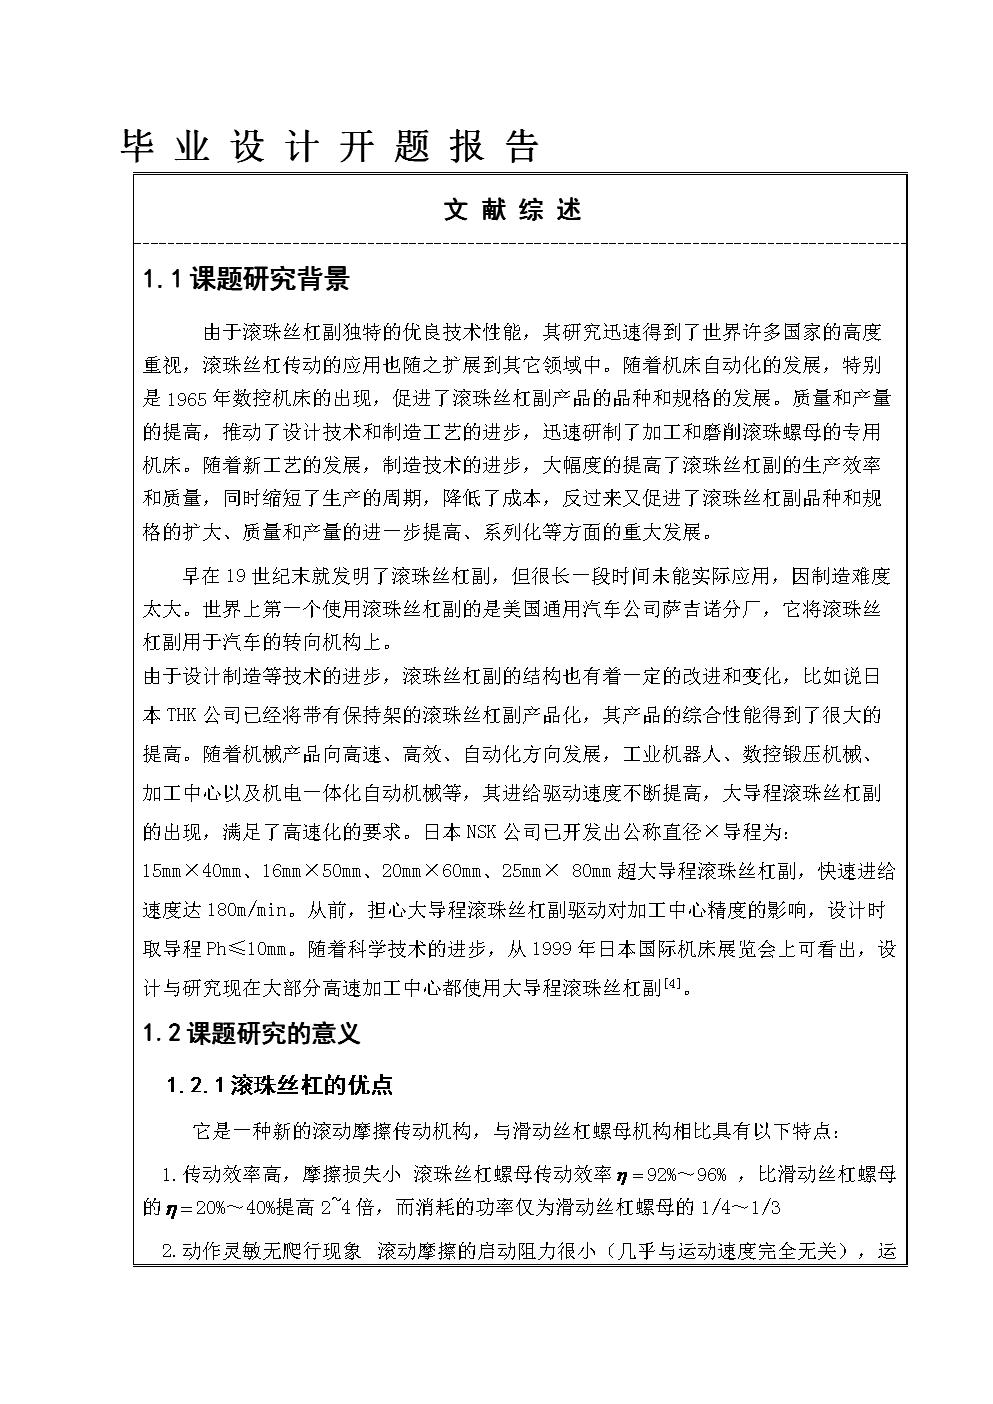 开题报告-滚珠丝杠副设计及相关技术研究.doc